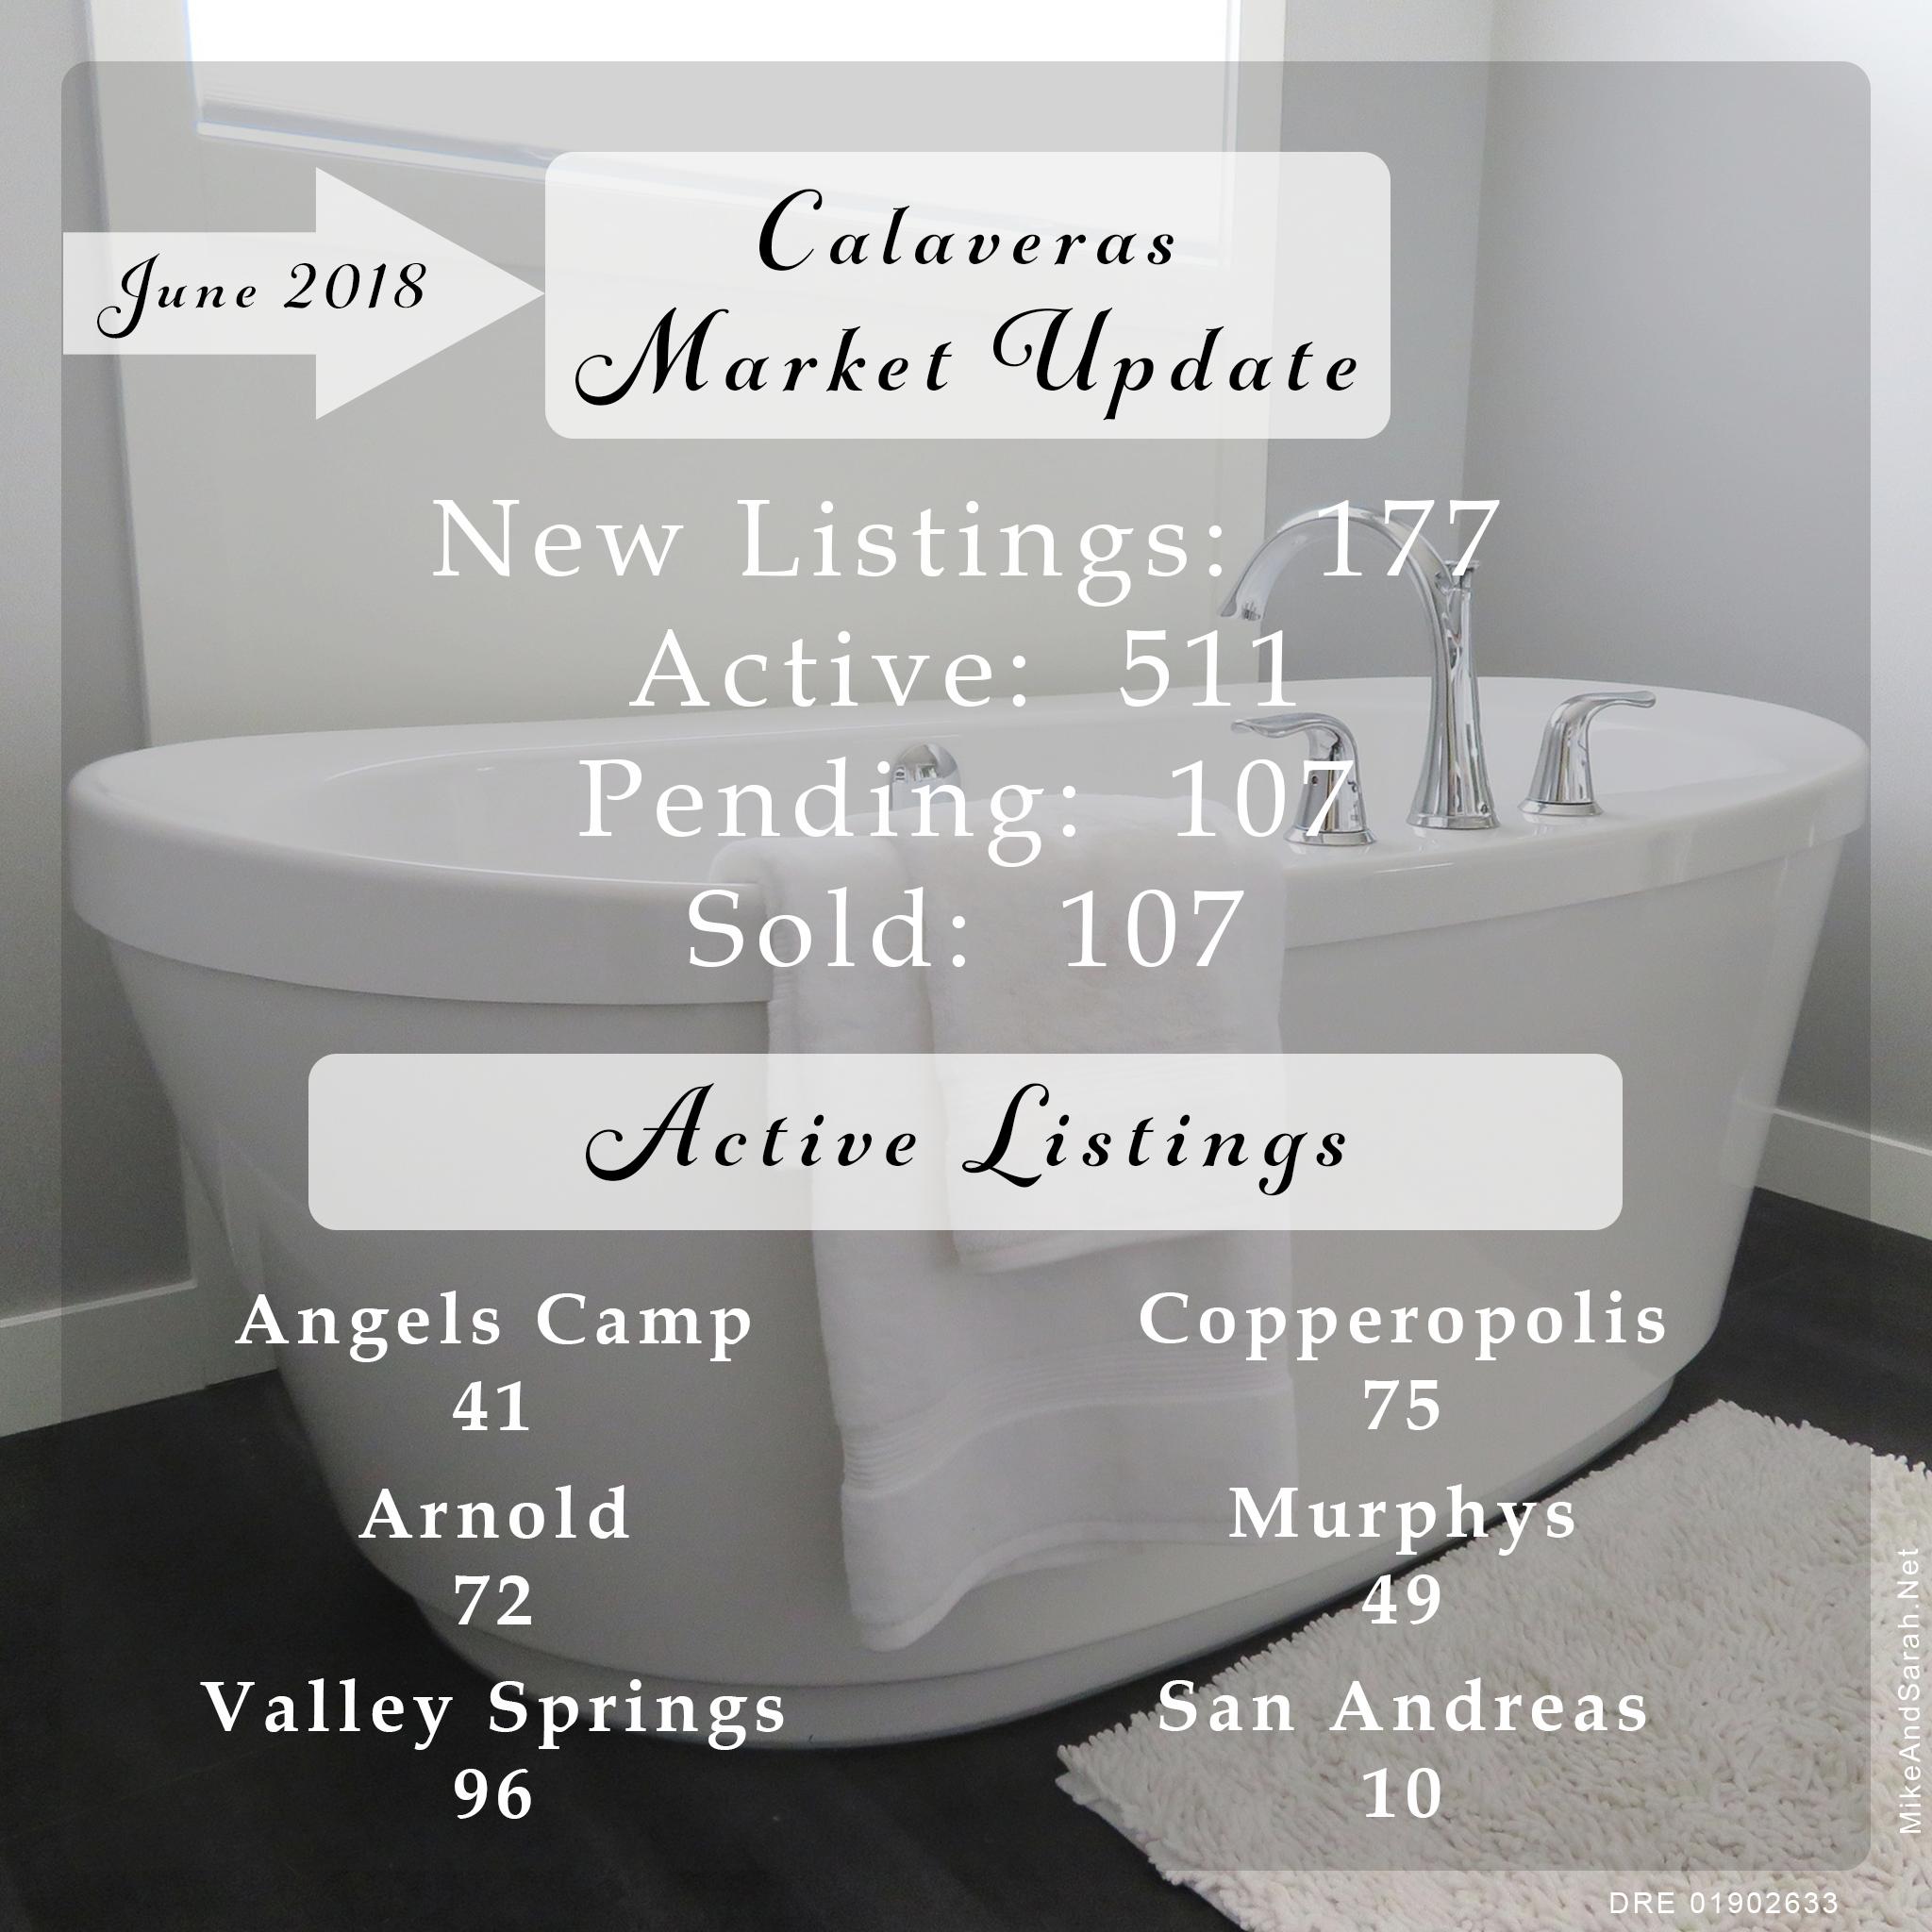 Calaveras MLS Housing Market Update